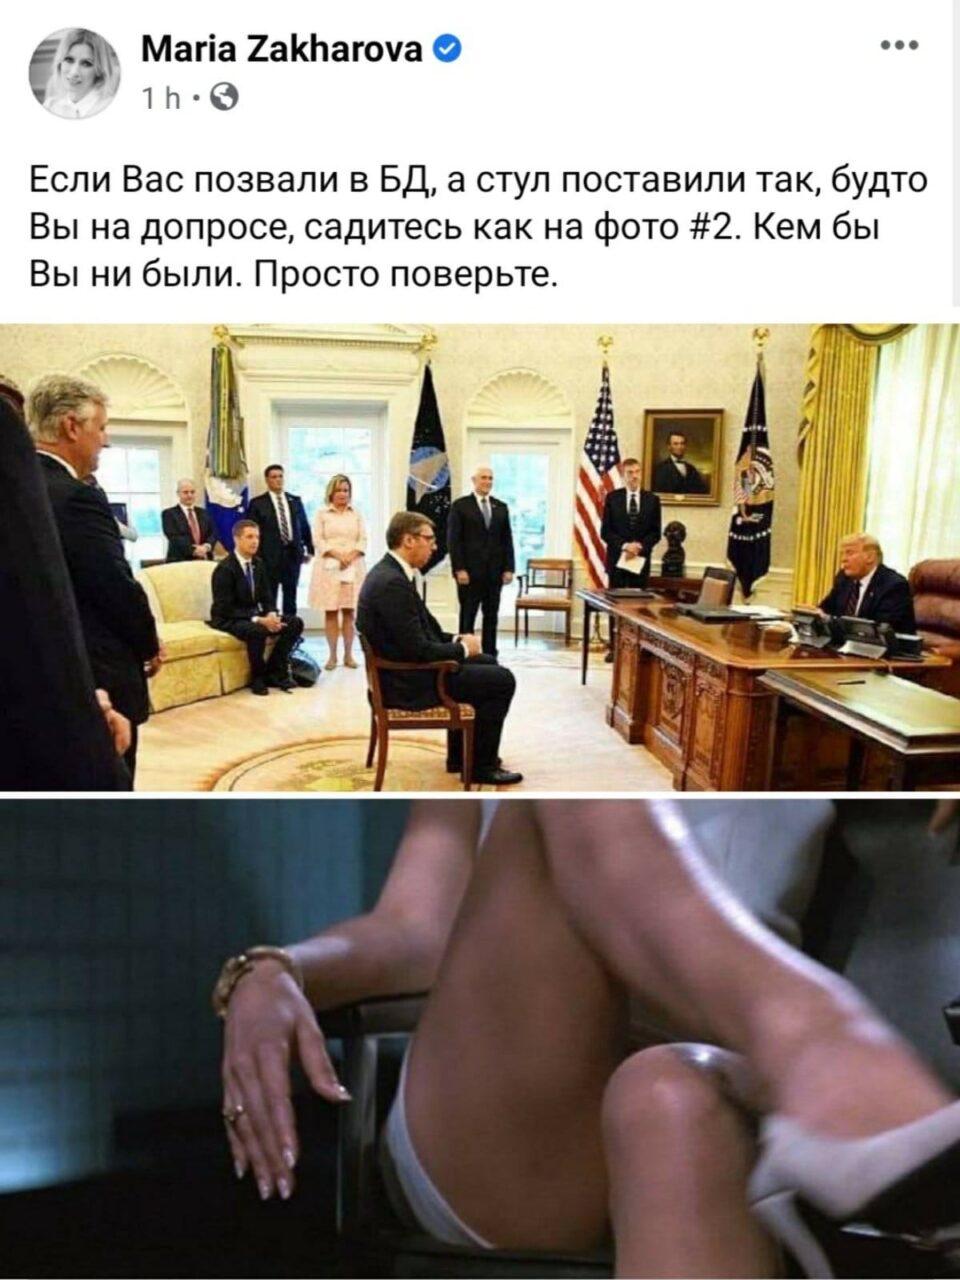 Фейсбук Марии Захаровой.